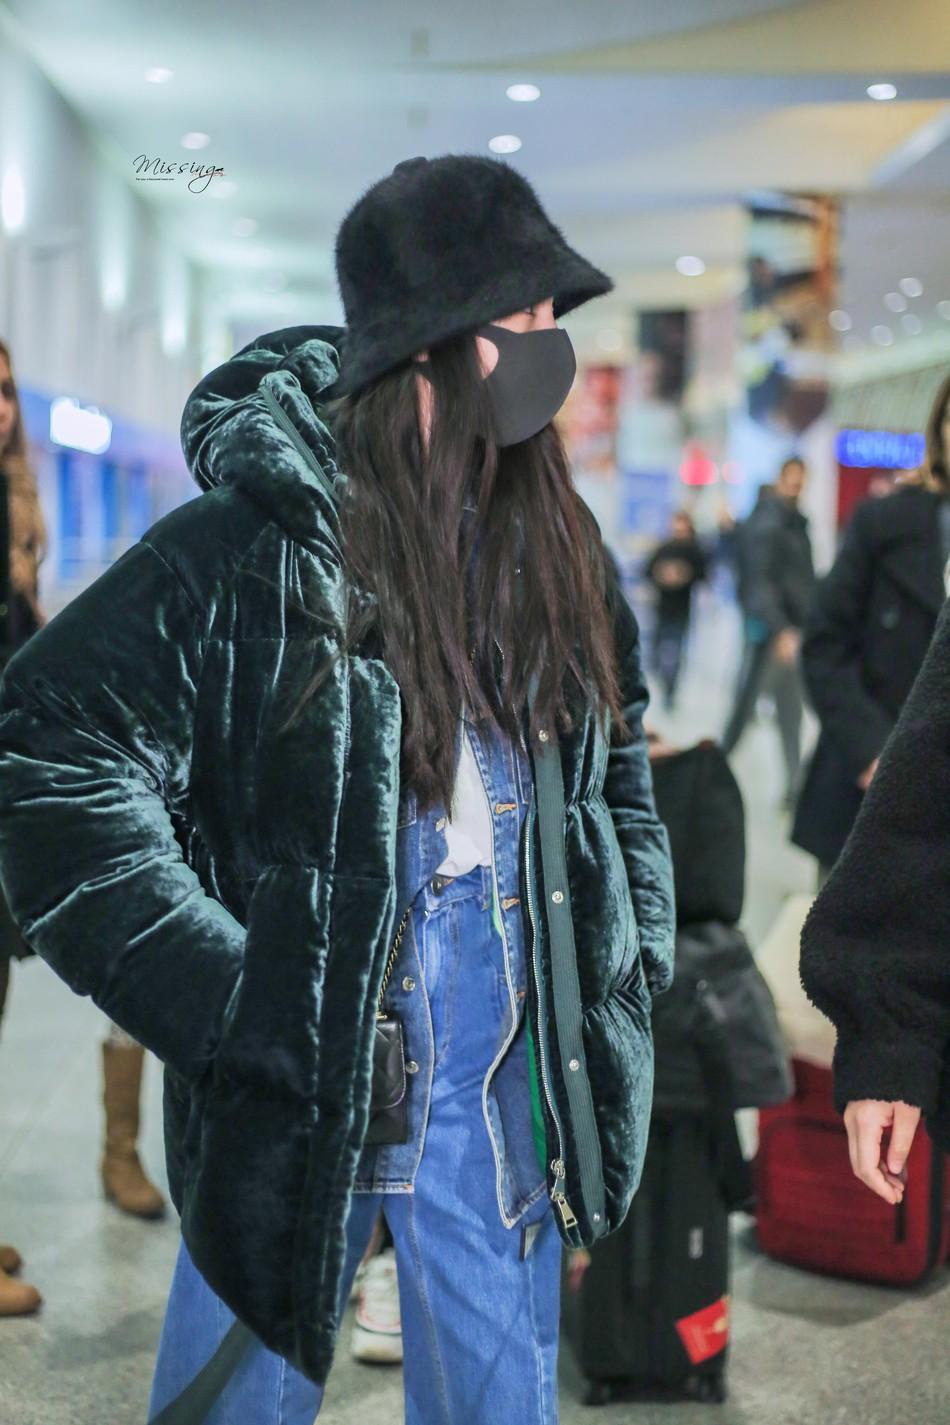 Sau kỳ nghỉ Tết không ở bên con gái, Dương Mịch lặng lẽ để mặt mộc lên đường sang New York dự tuần lễ thời trang - Ảnh 1.